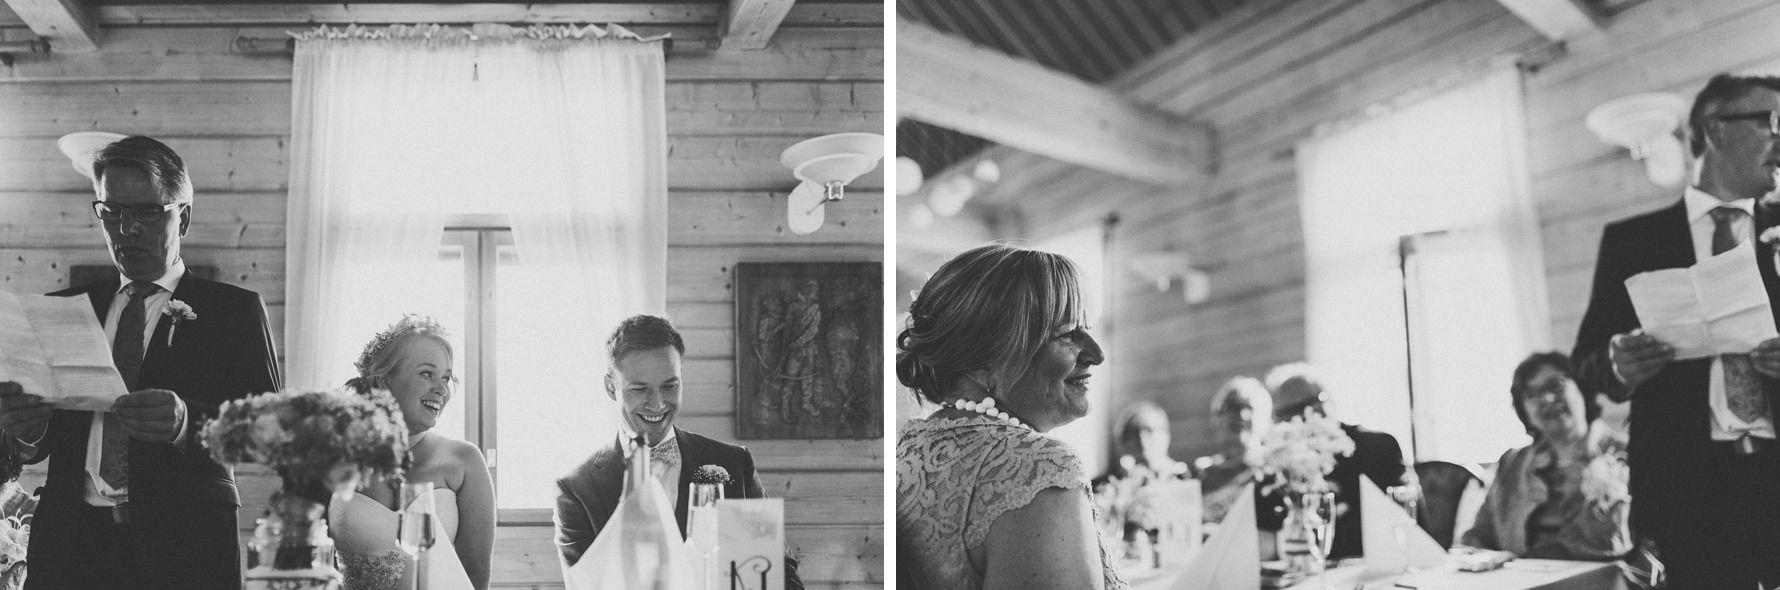 Father of the bride speaking | Scandinavian wedding | Pitsiniekka | Picture by Jaakko Sorvisto www.jaakkosorvisto.com